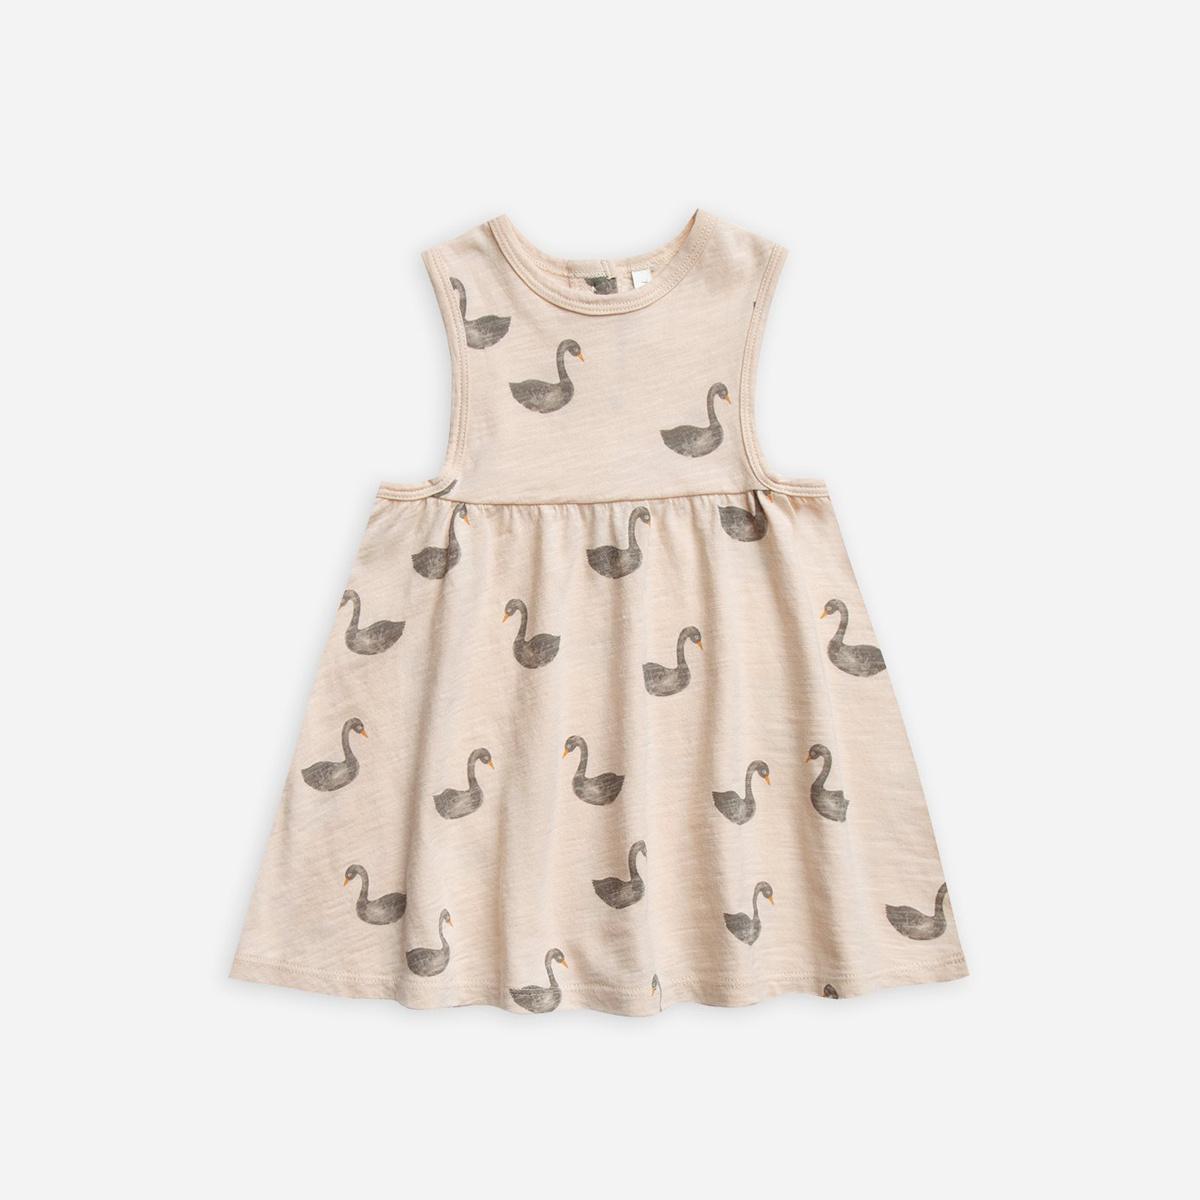 Rylee + Cru - RC Rylee + Cru - Swans Layla Dress